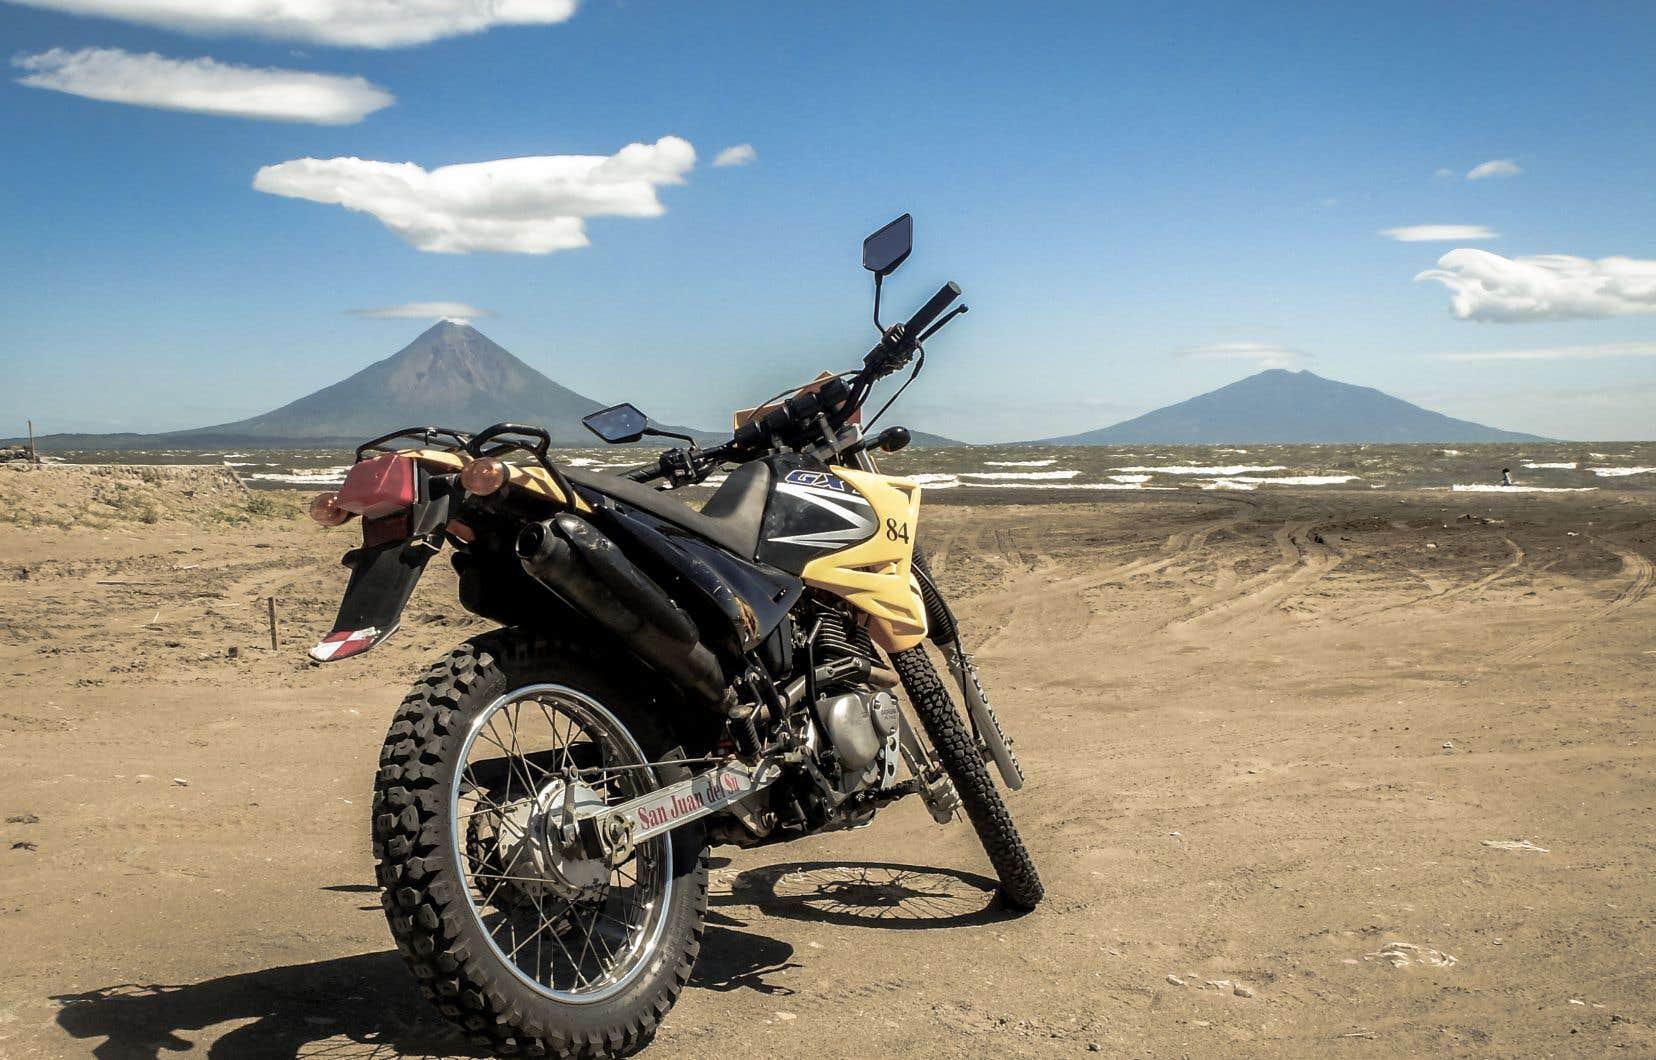 Une pause devant le volcan Concepción entre deux ajustements mécaniques. C'est avec cette moto usée et sans frein que l'auteur a exploré le sud du Nicaragua.